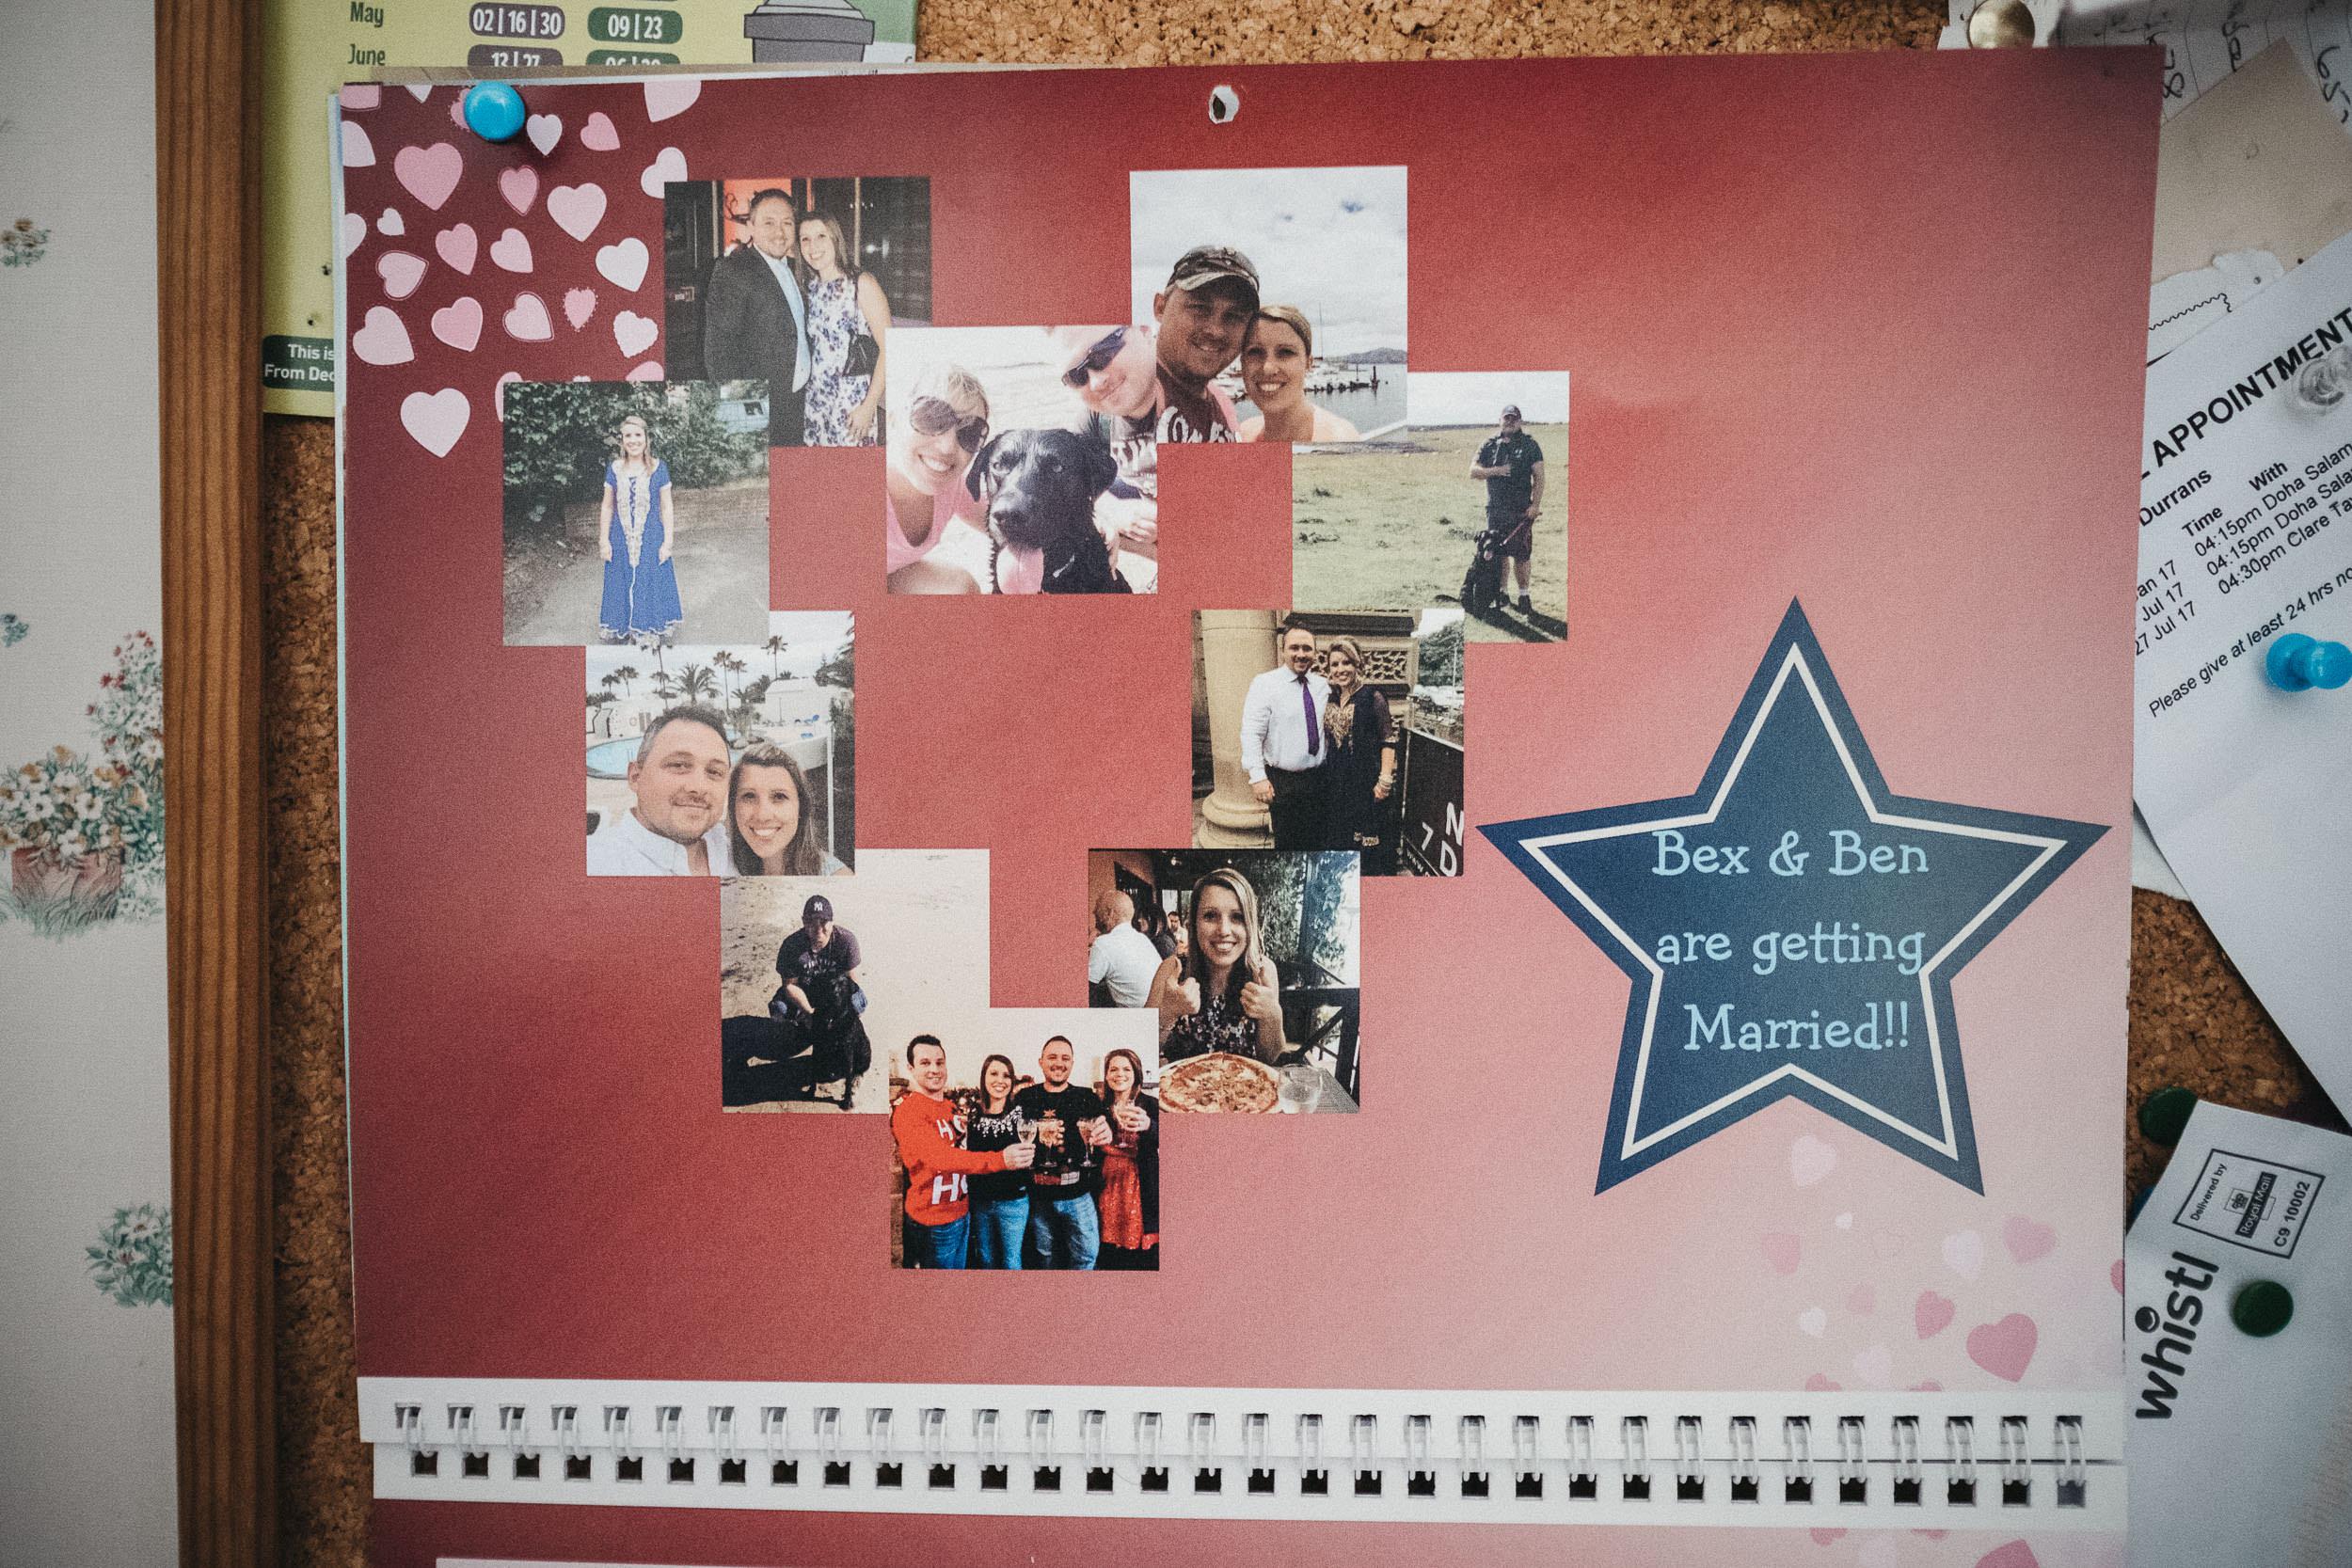 A calendar showing a countdown to Rebecca & Ben's wedding